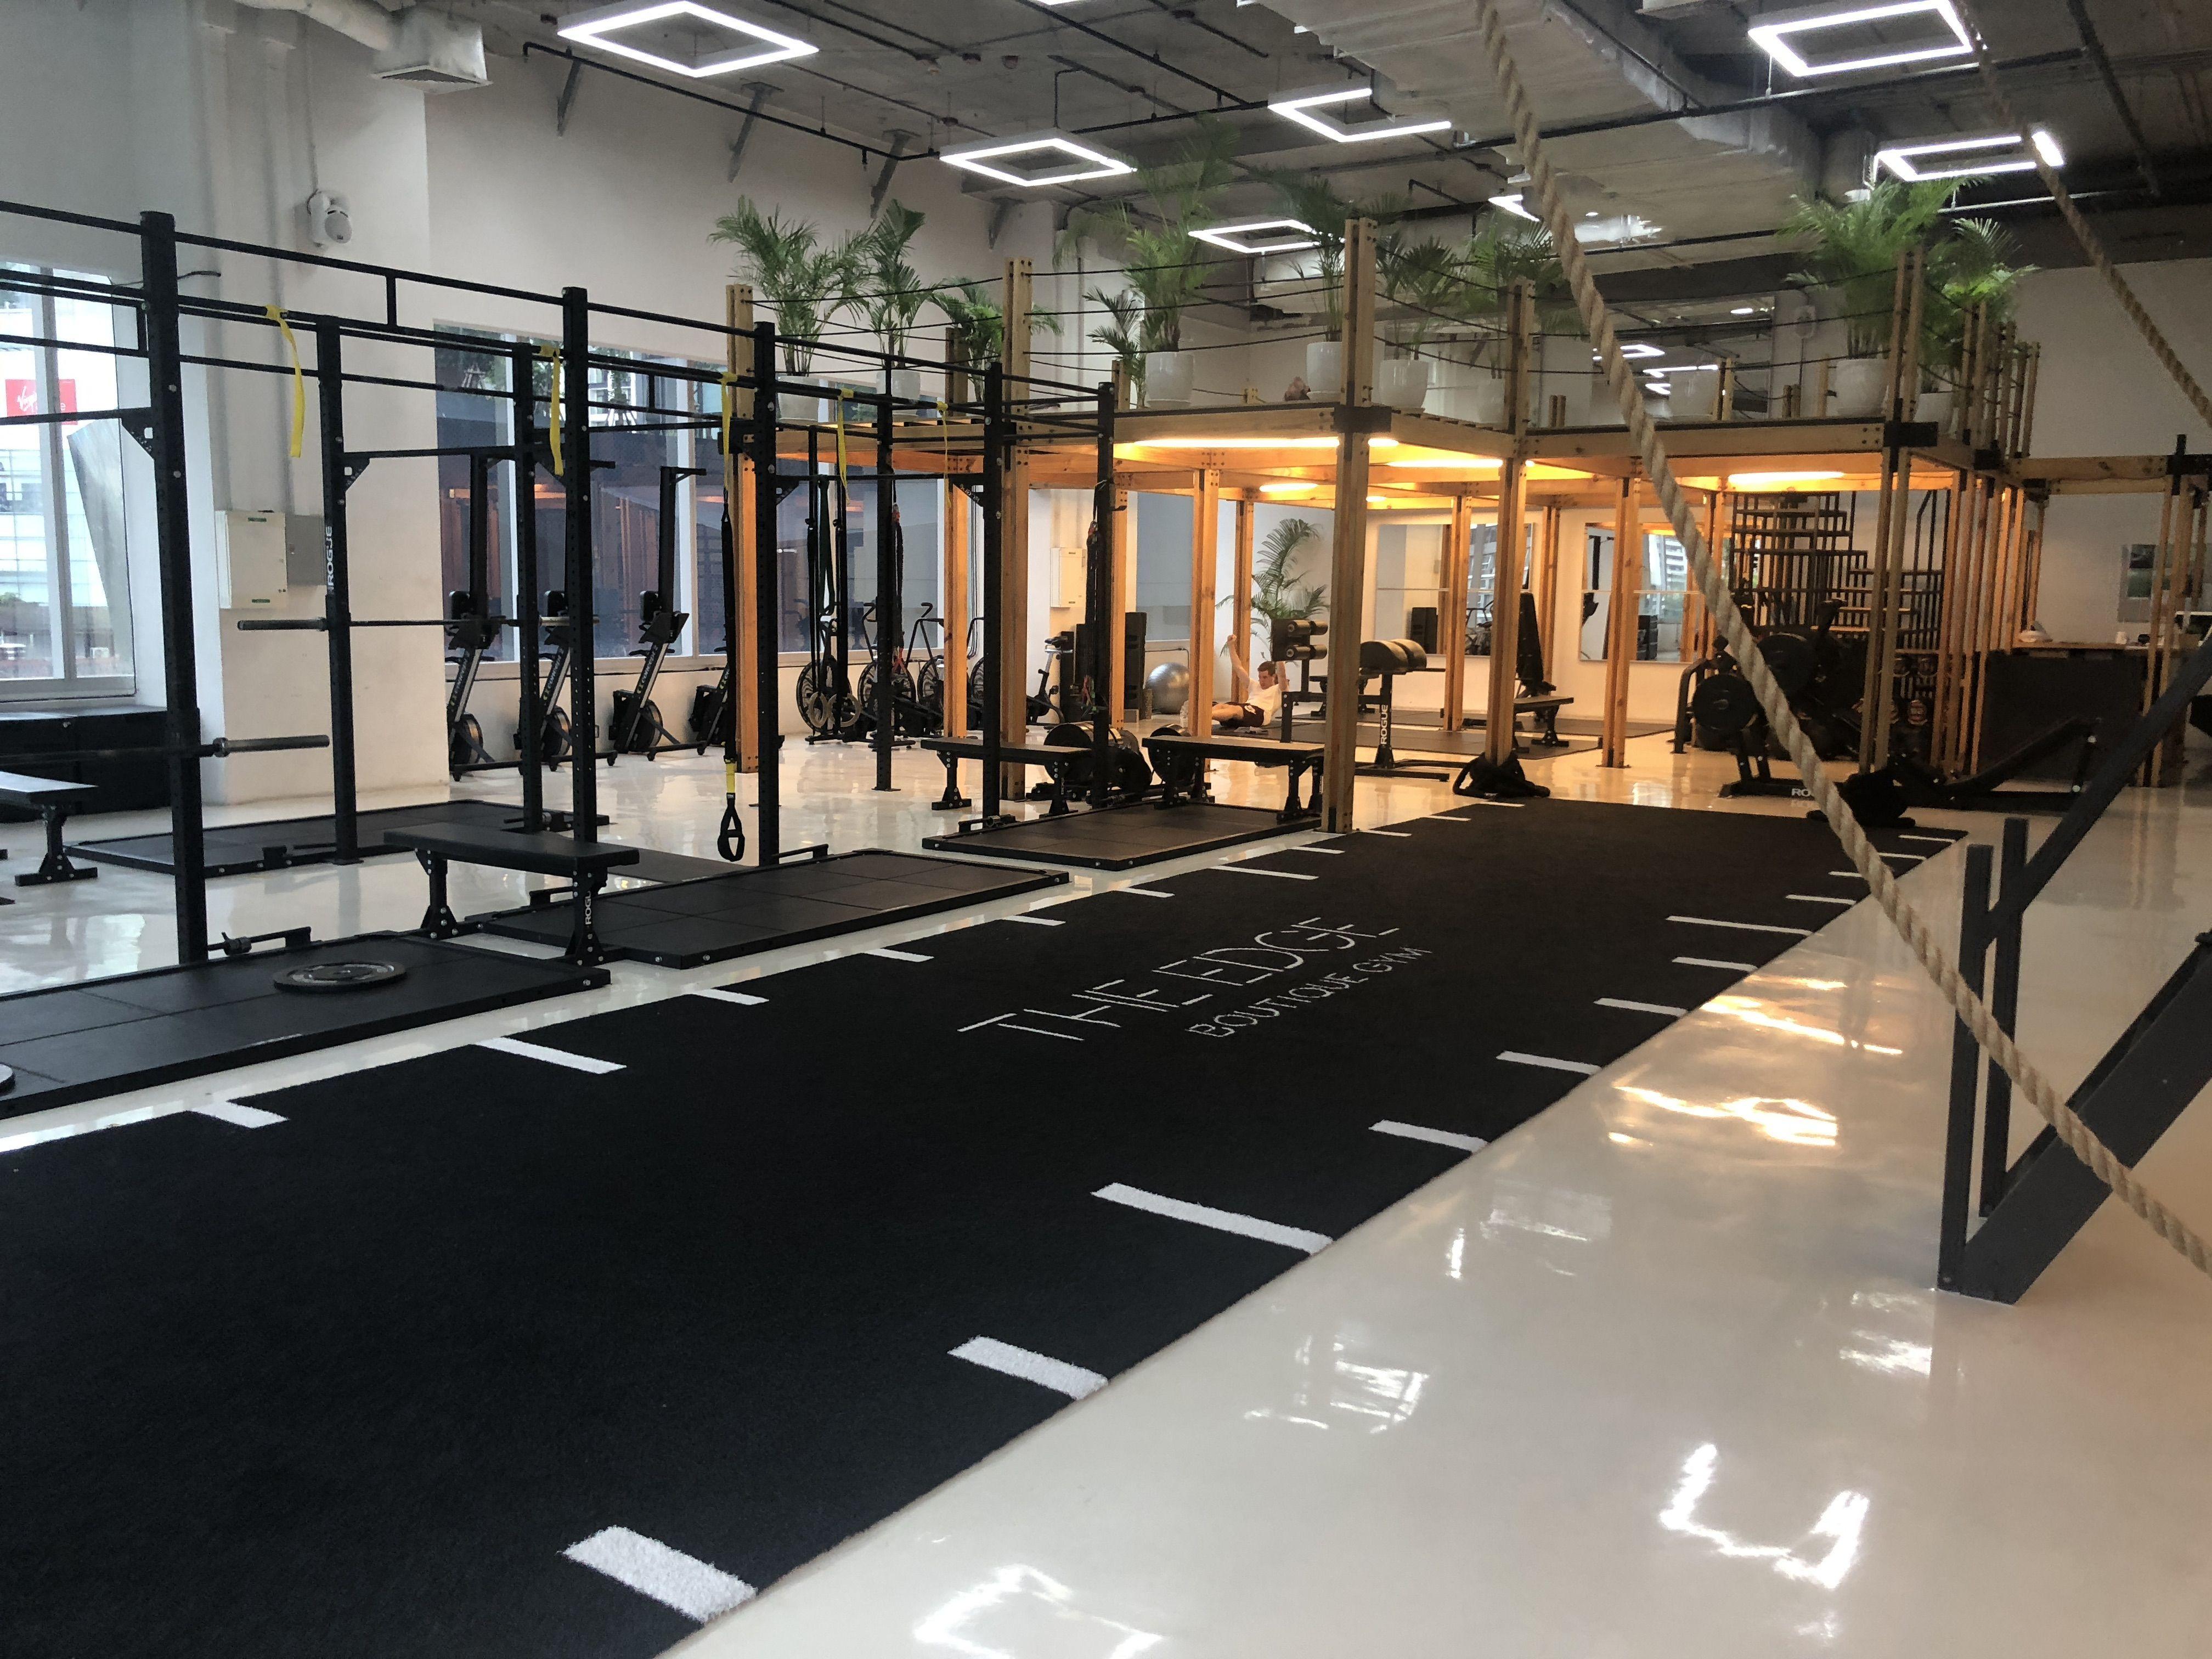 Luxury Gym Bangkok Edge By Aspire In 2020 Luxury Gym Gym Design Boutique Gym Design